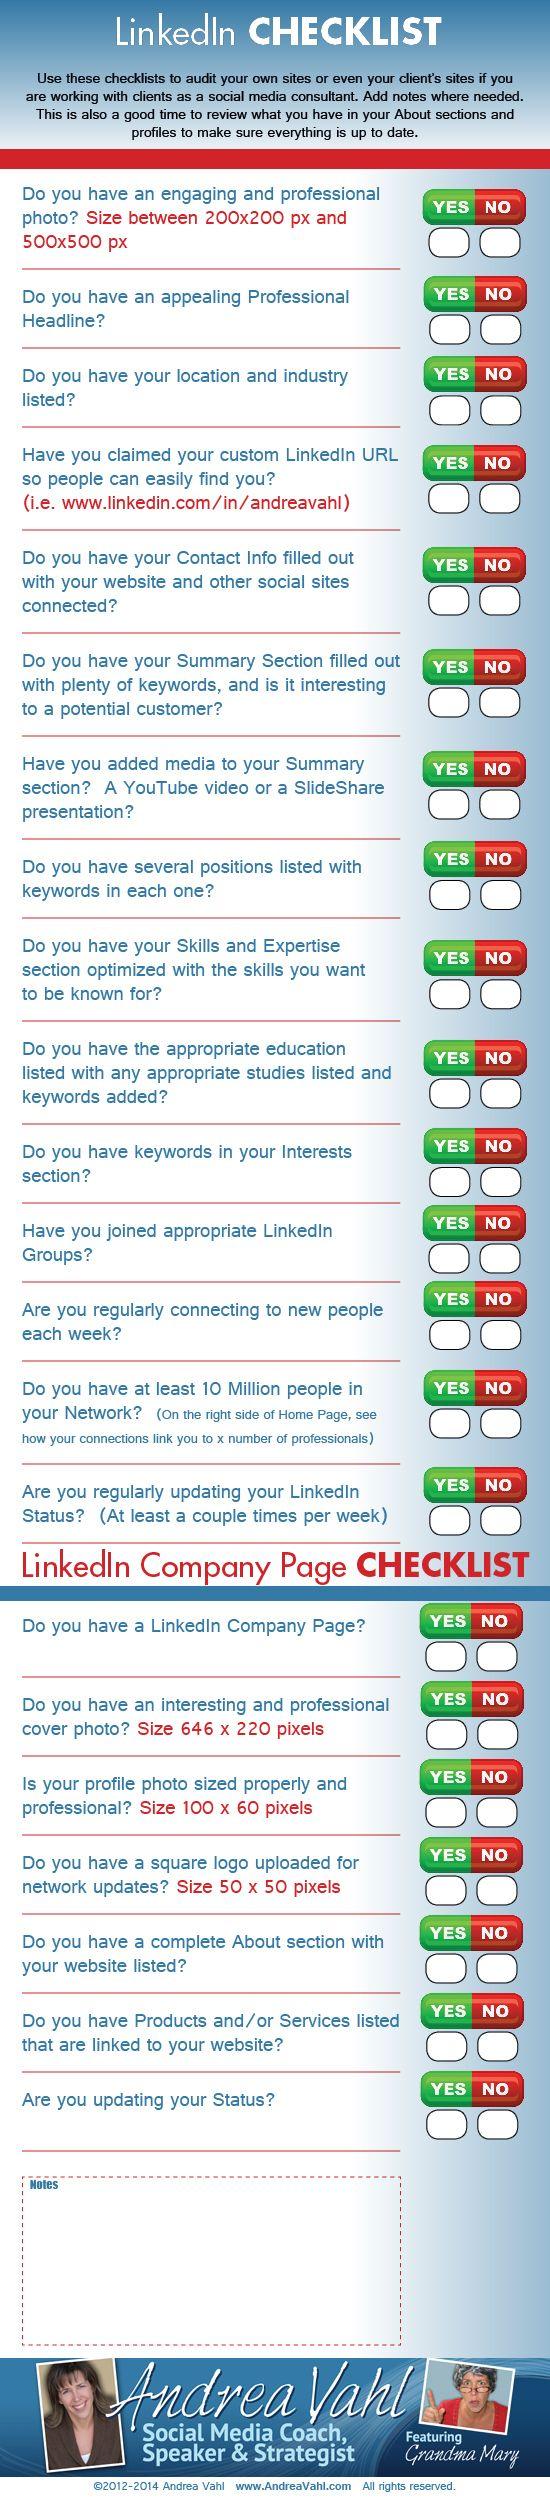 Legyél jelen a közösségi oldalon - LinkedIn beállítás ellenörző lista